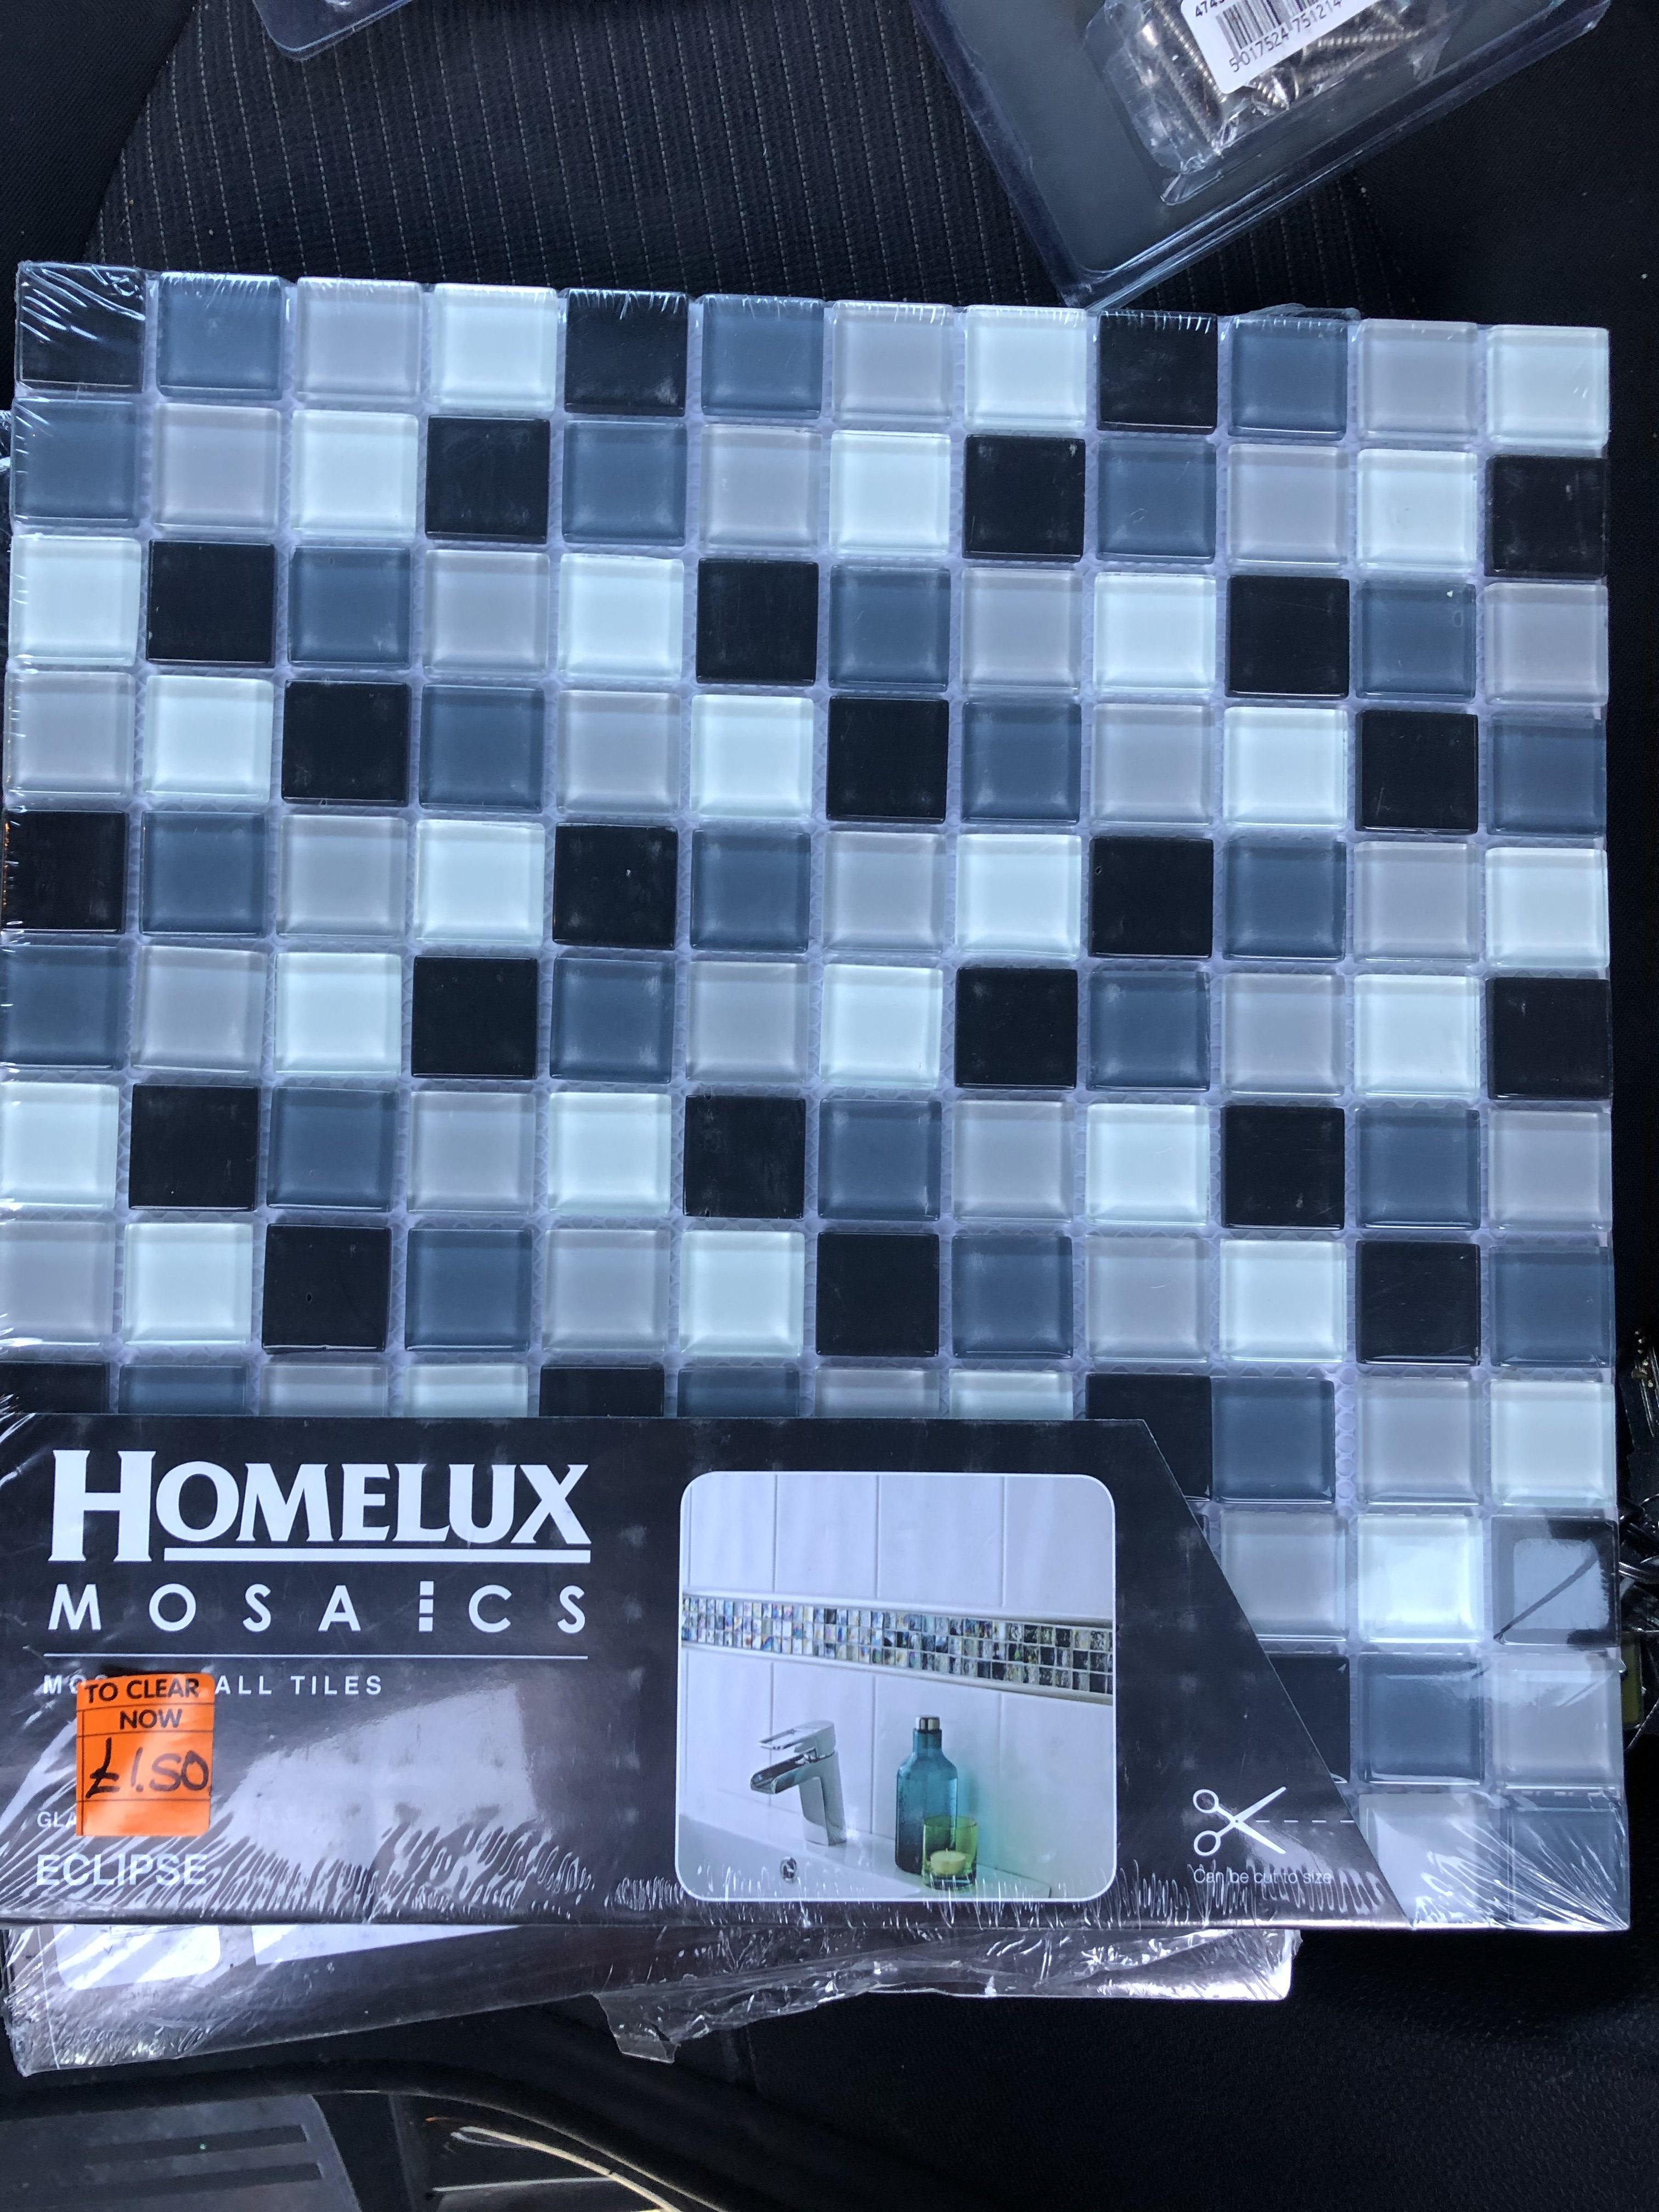 Mosaic wall tiles reduced to £1.50 at Homebase Streatham